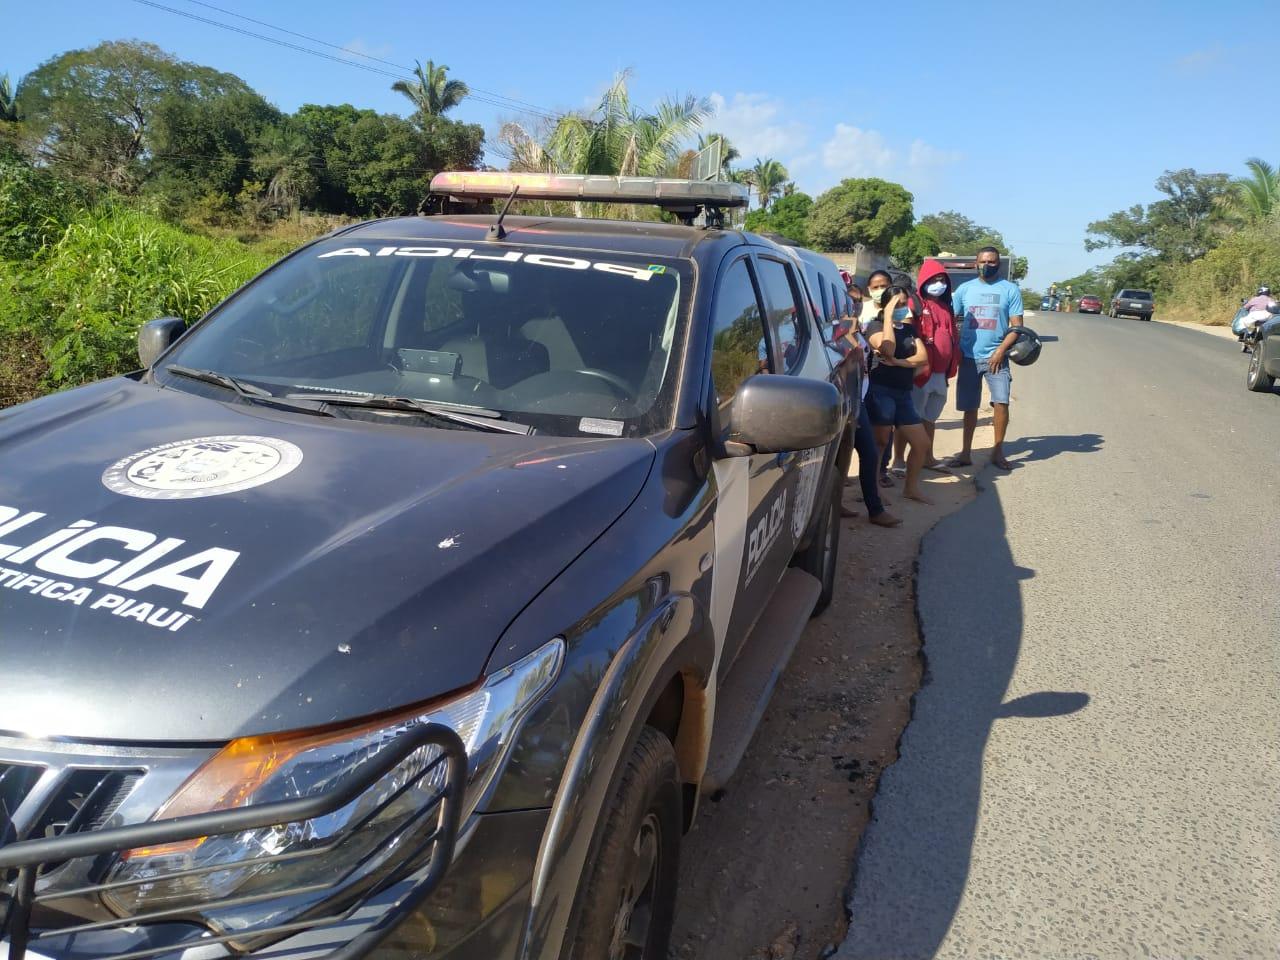 Peritos foram acionados para realizar perícia técnica no local do acidente - Foto: Portal MN